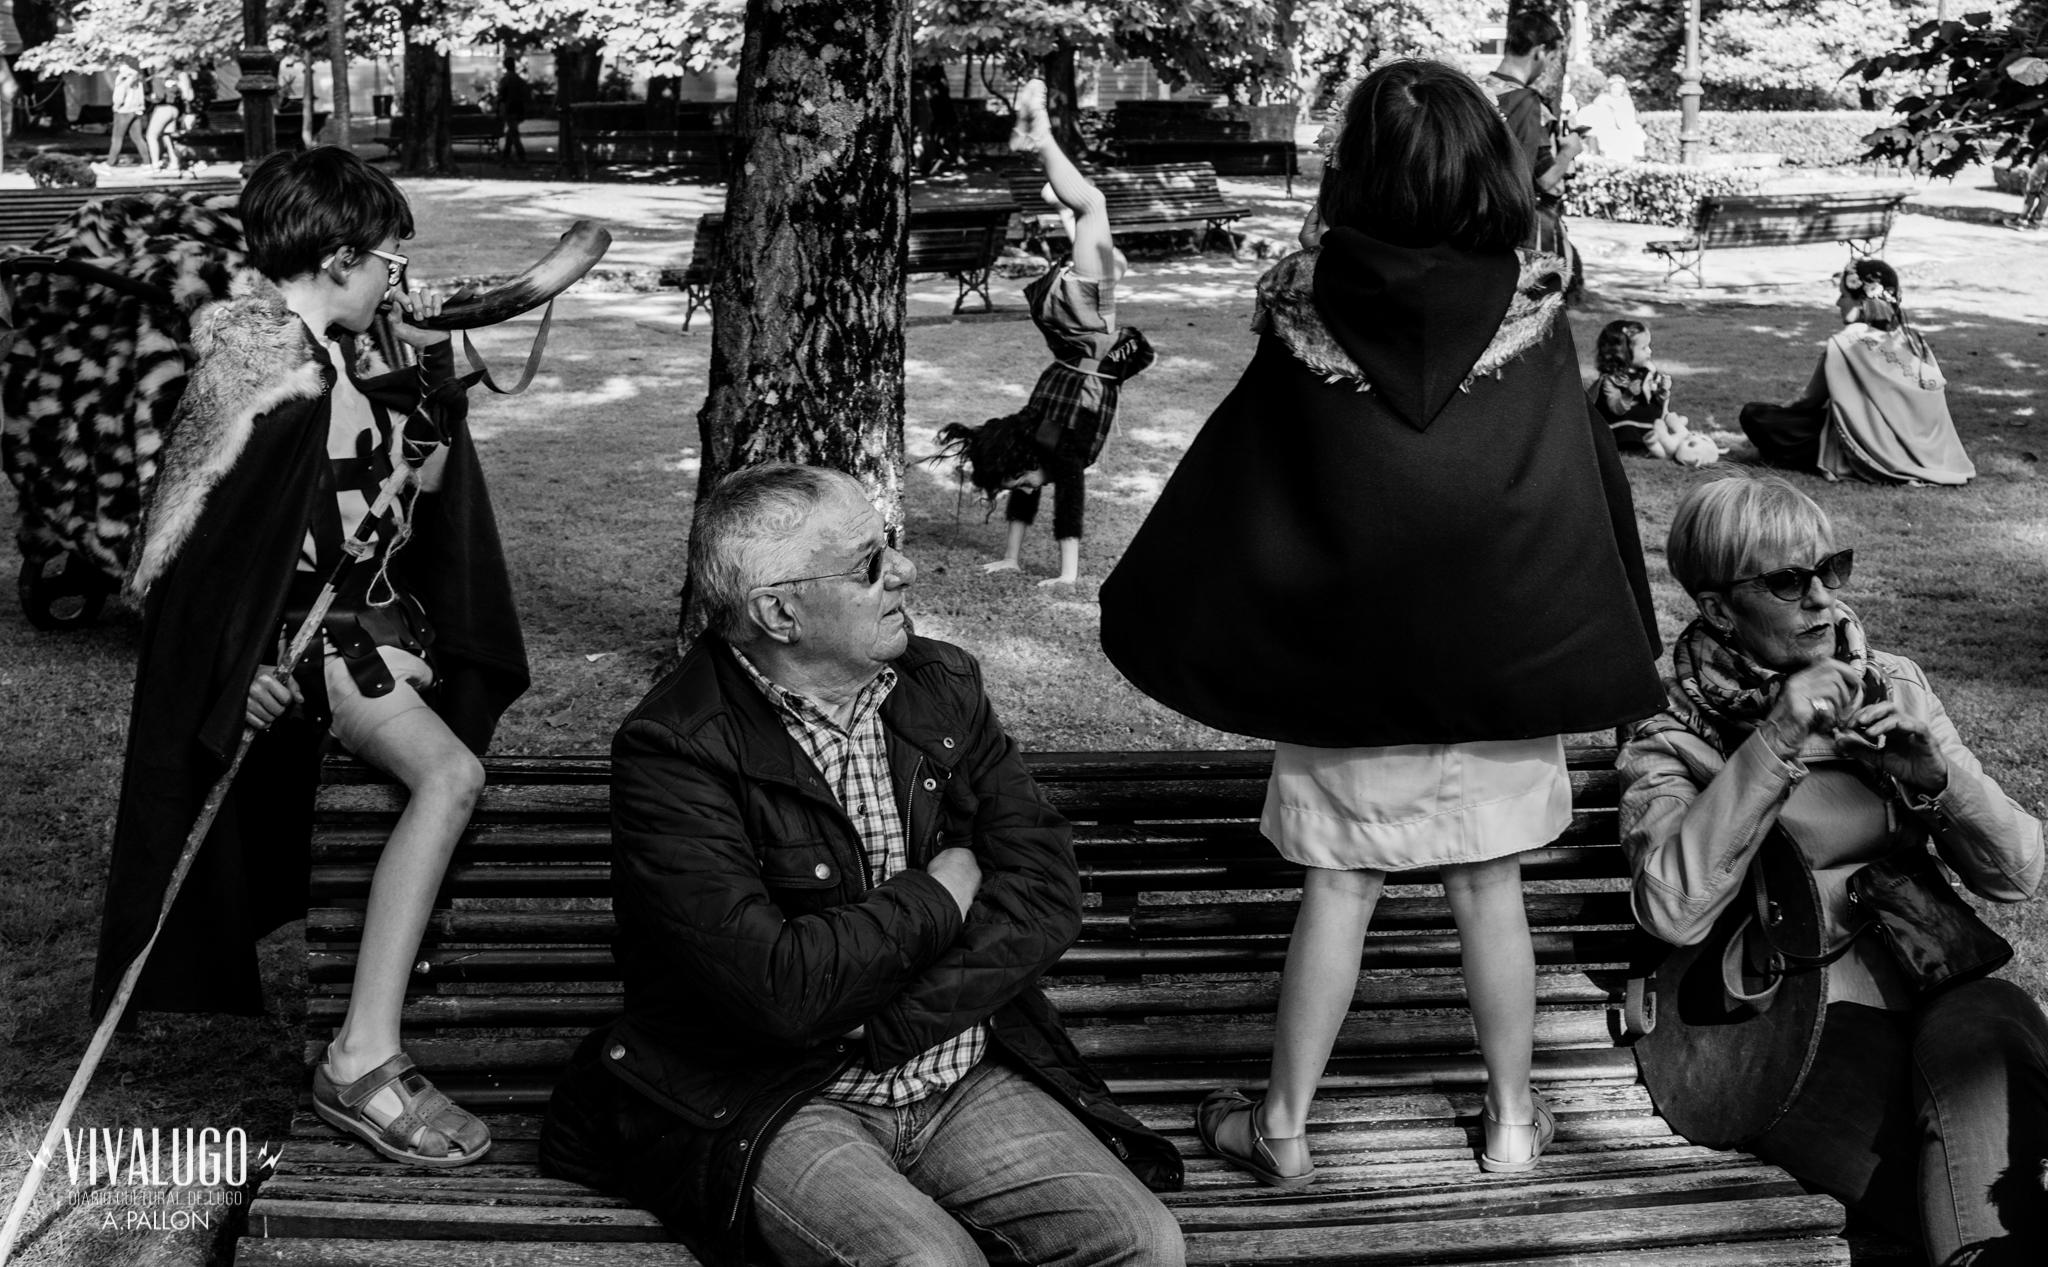 Fotografías do A.PALLON para VIVALUGO, proxecto VIVAOARDELUCUS. [A.PALLON]